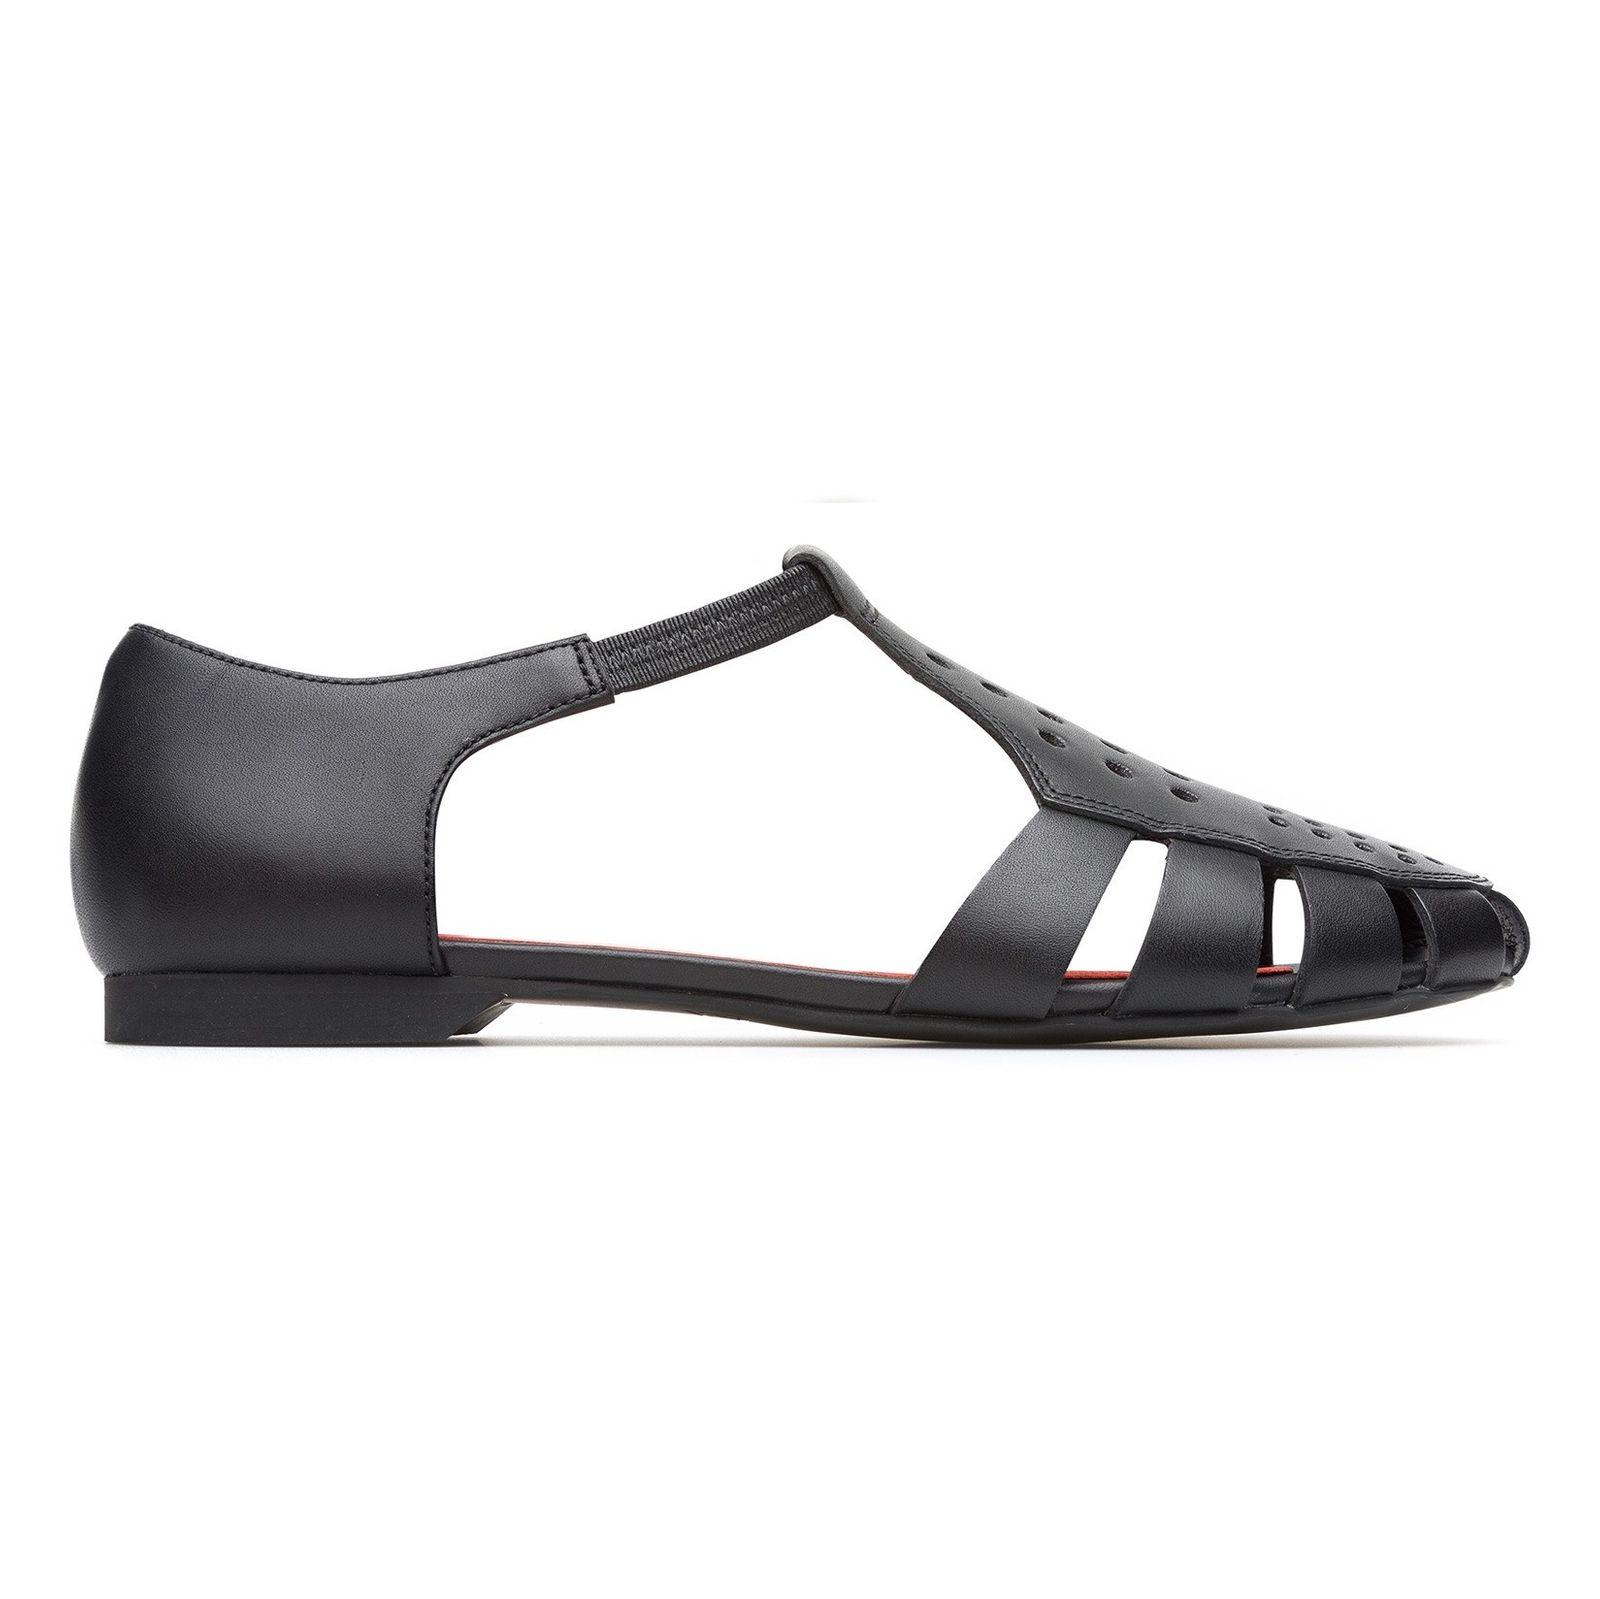 کفش چرم تخت زنانه Servolux - کمپر - مشکي - 1